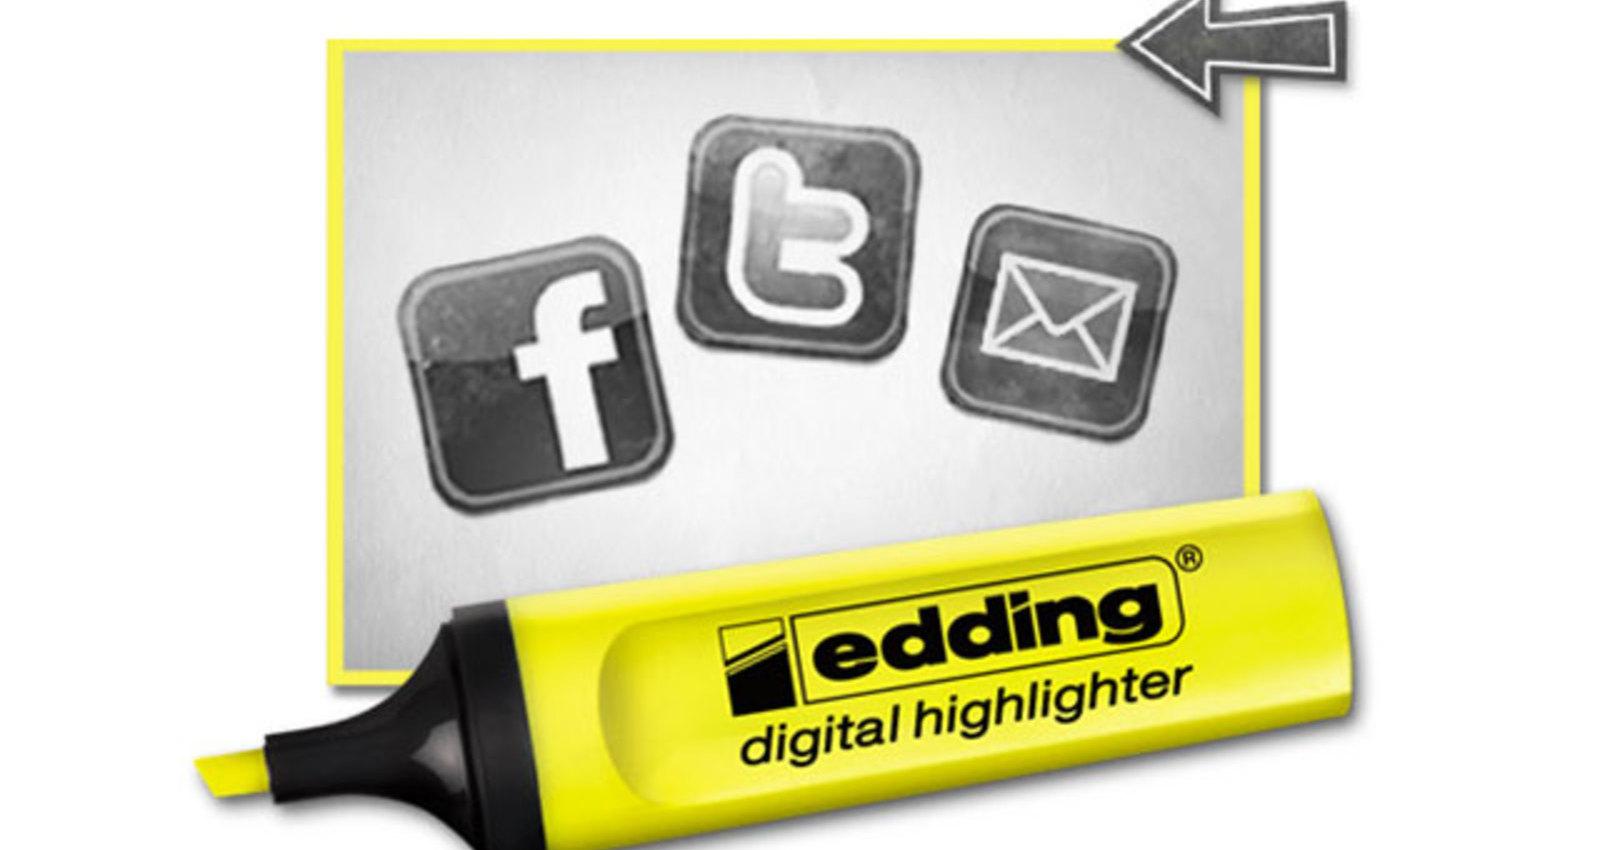 edding digital highlighter